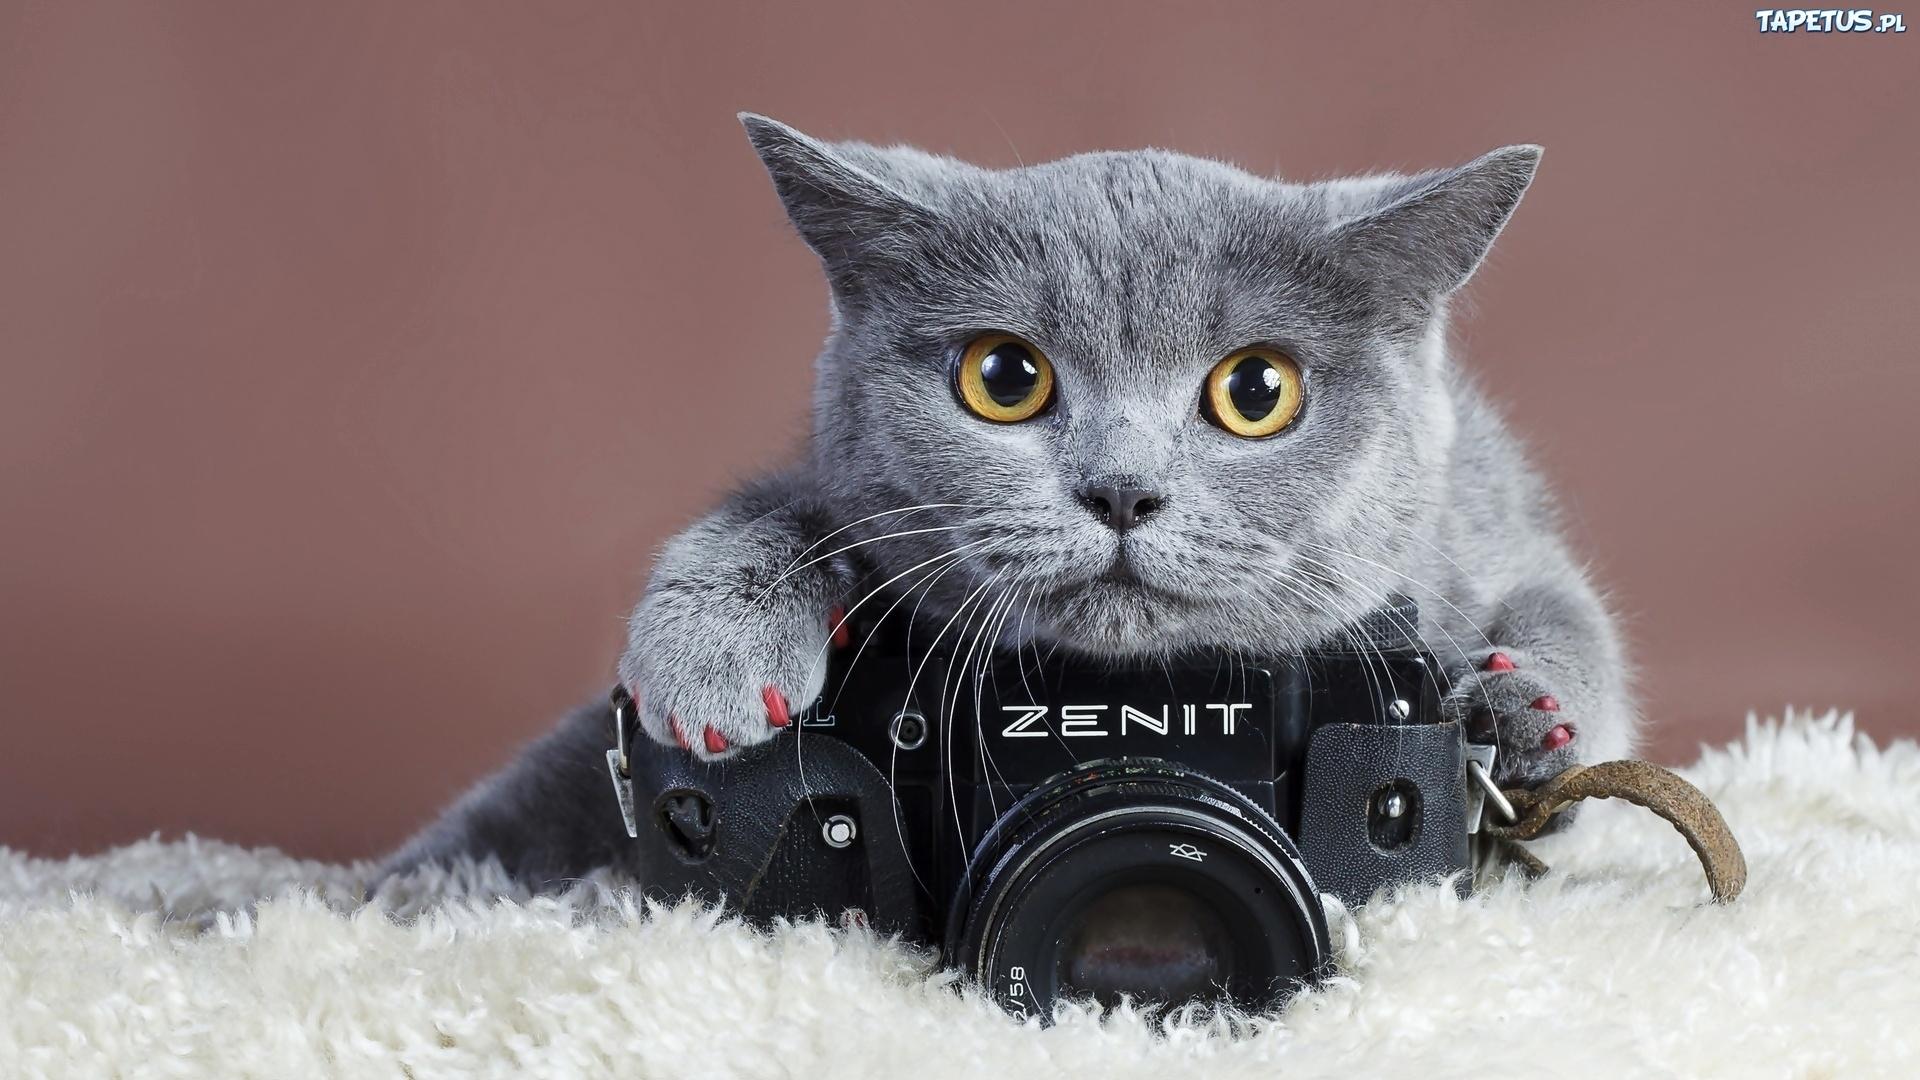 Kot Brytyjski Aparat Fotograficzny